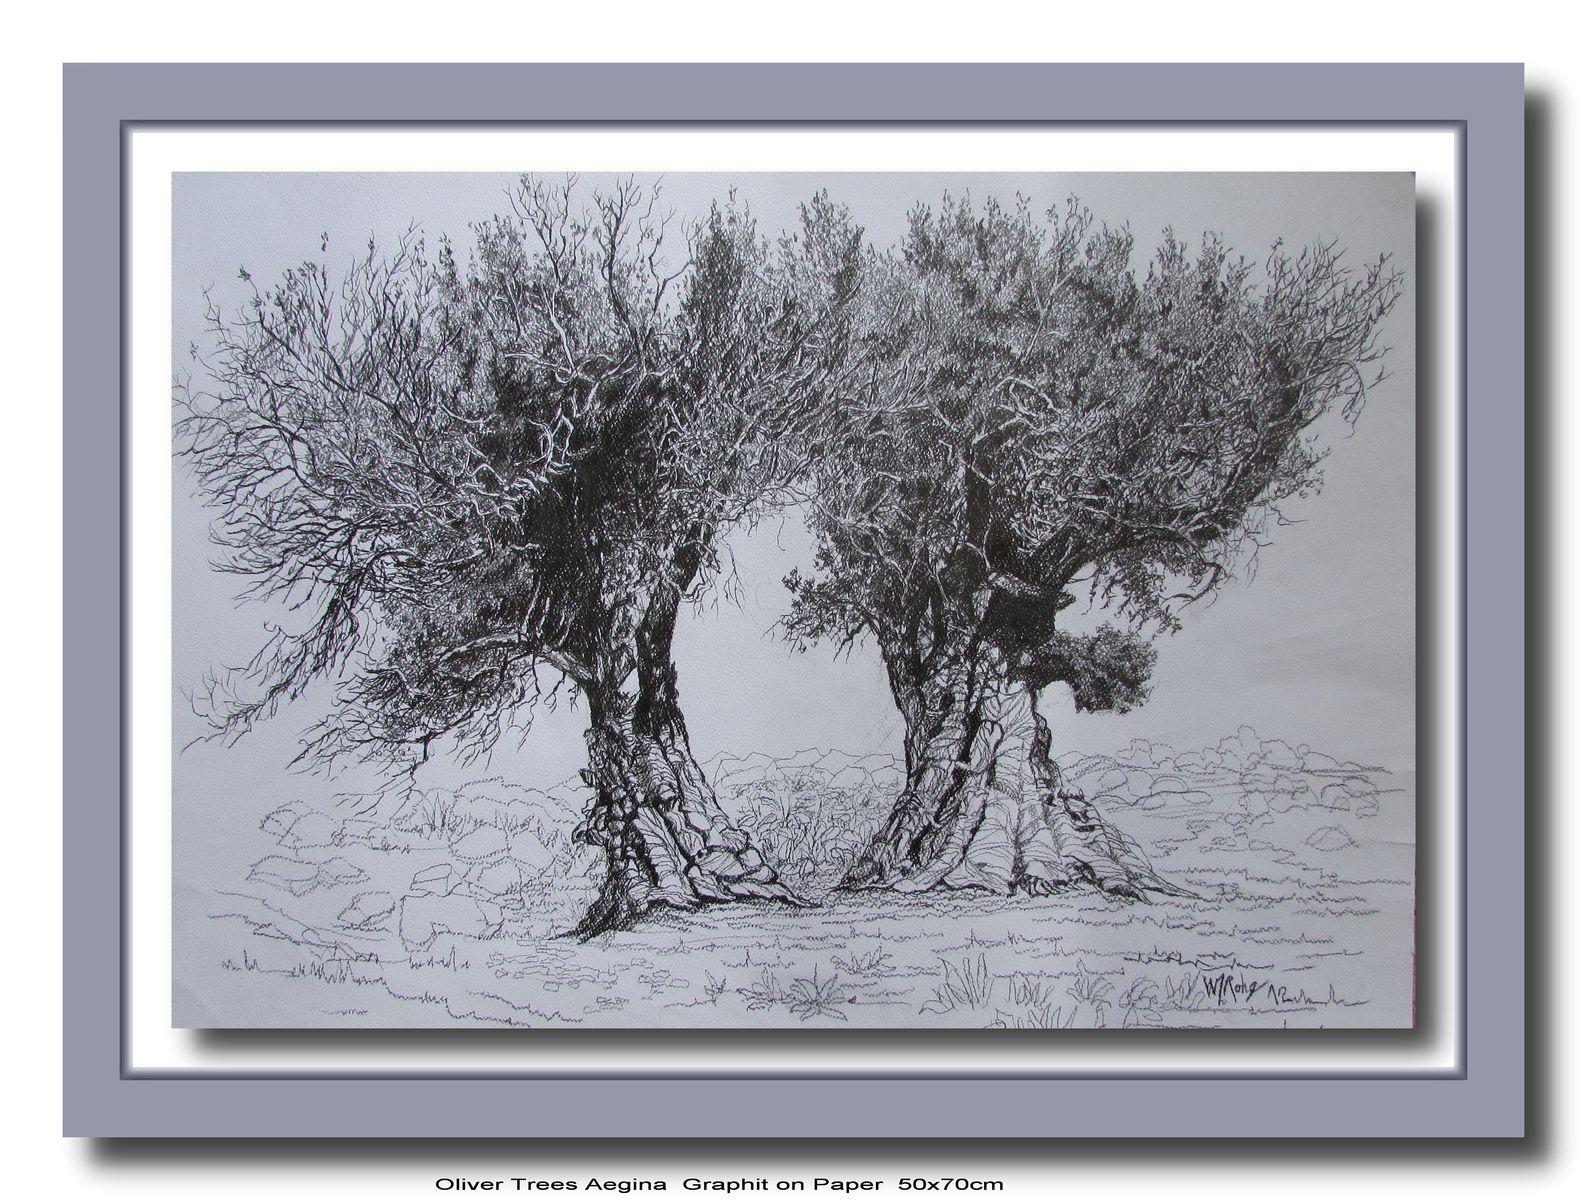 Olive Tree, Aegina